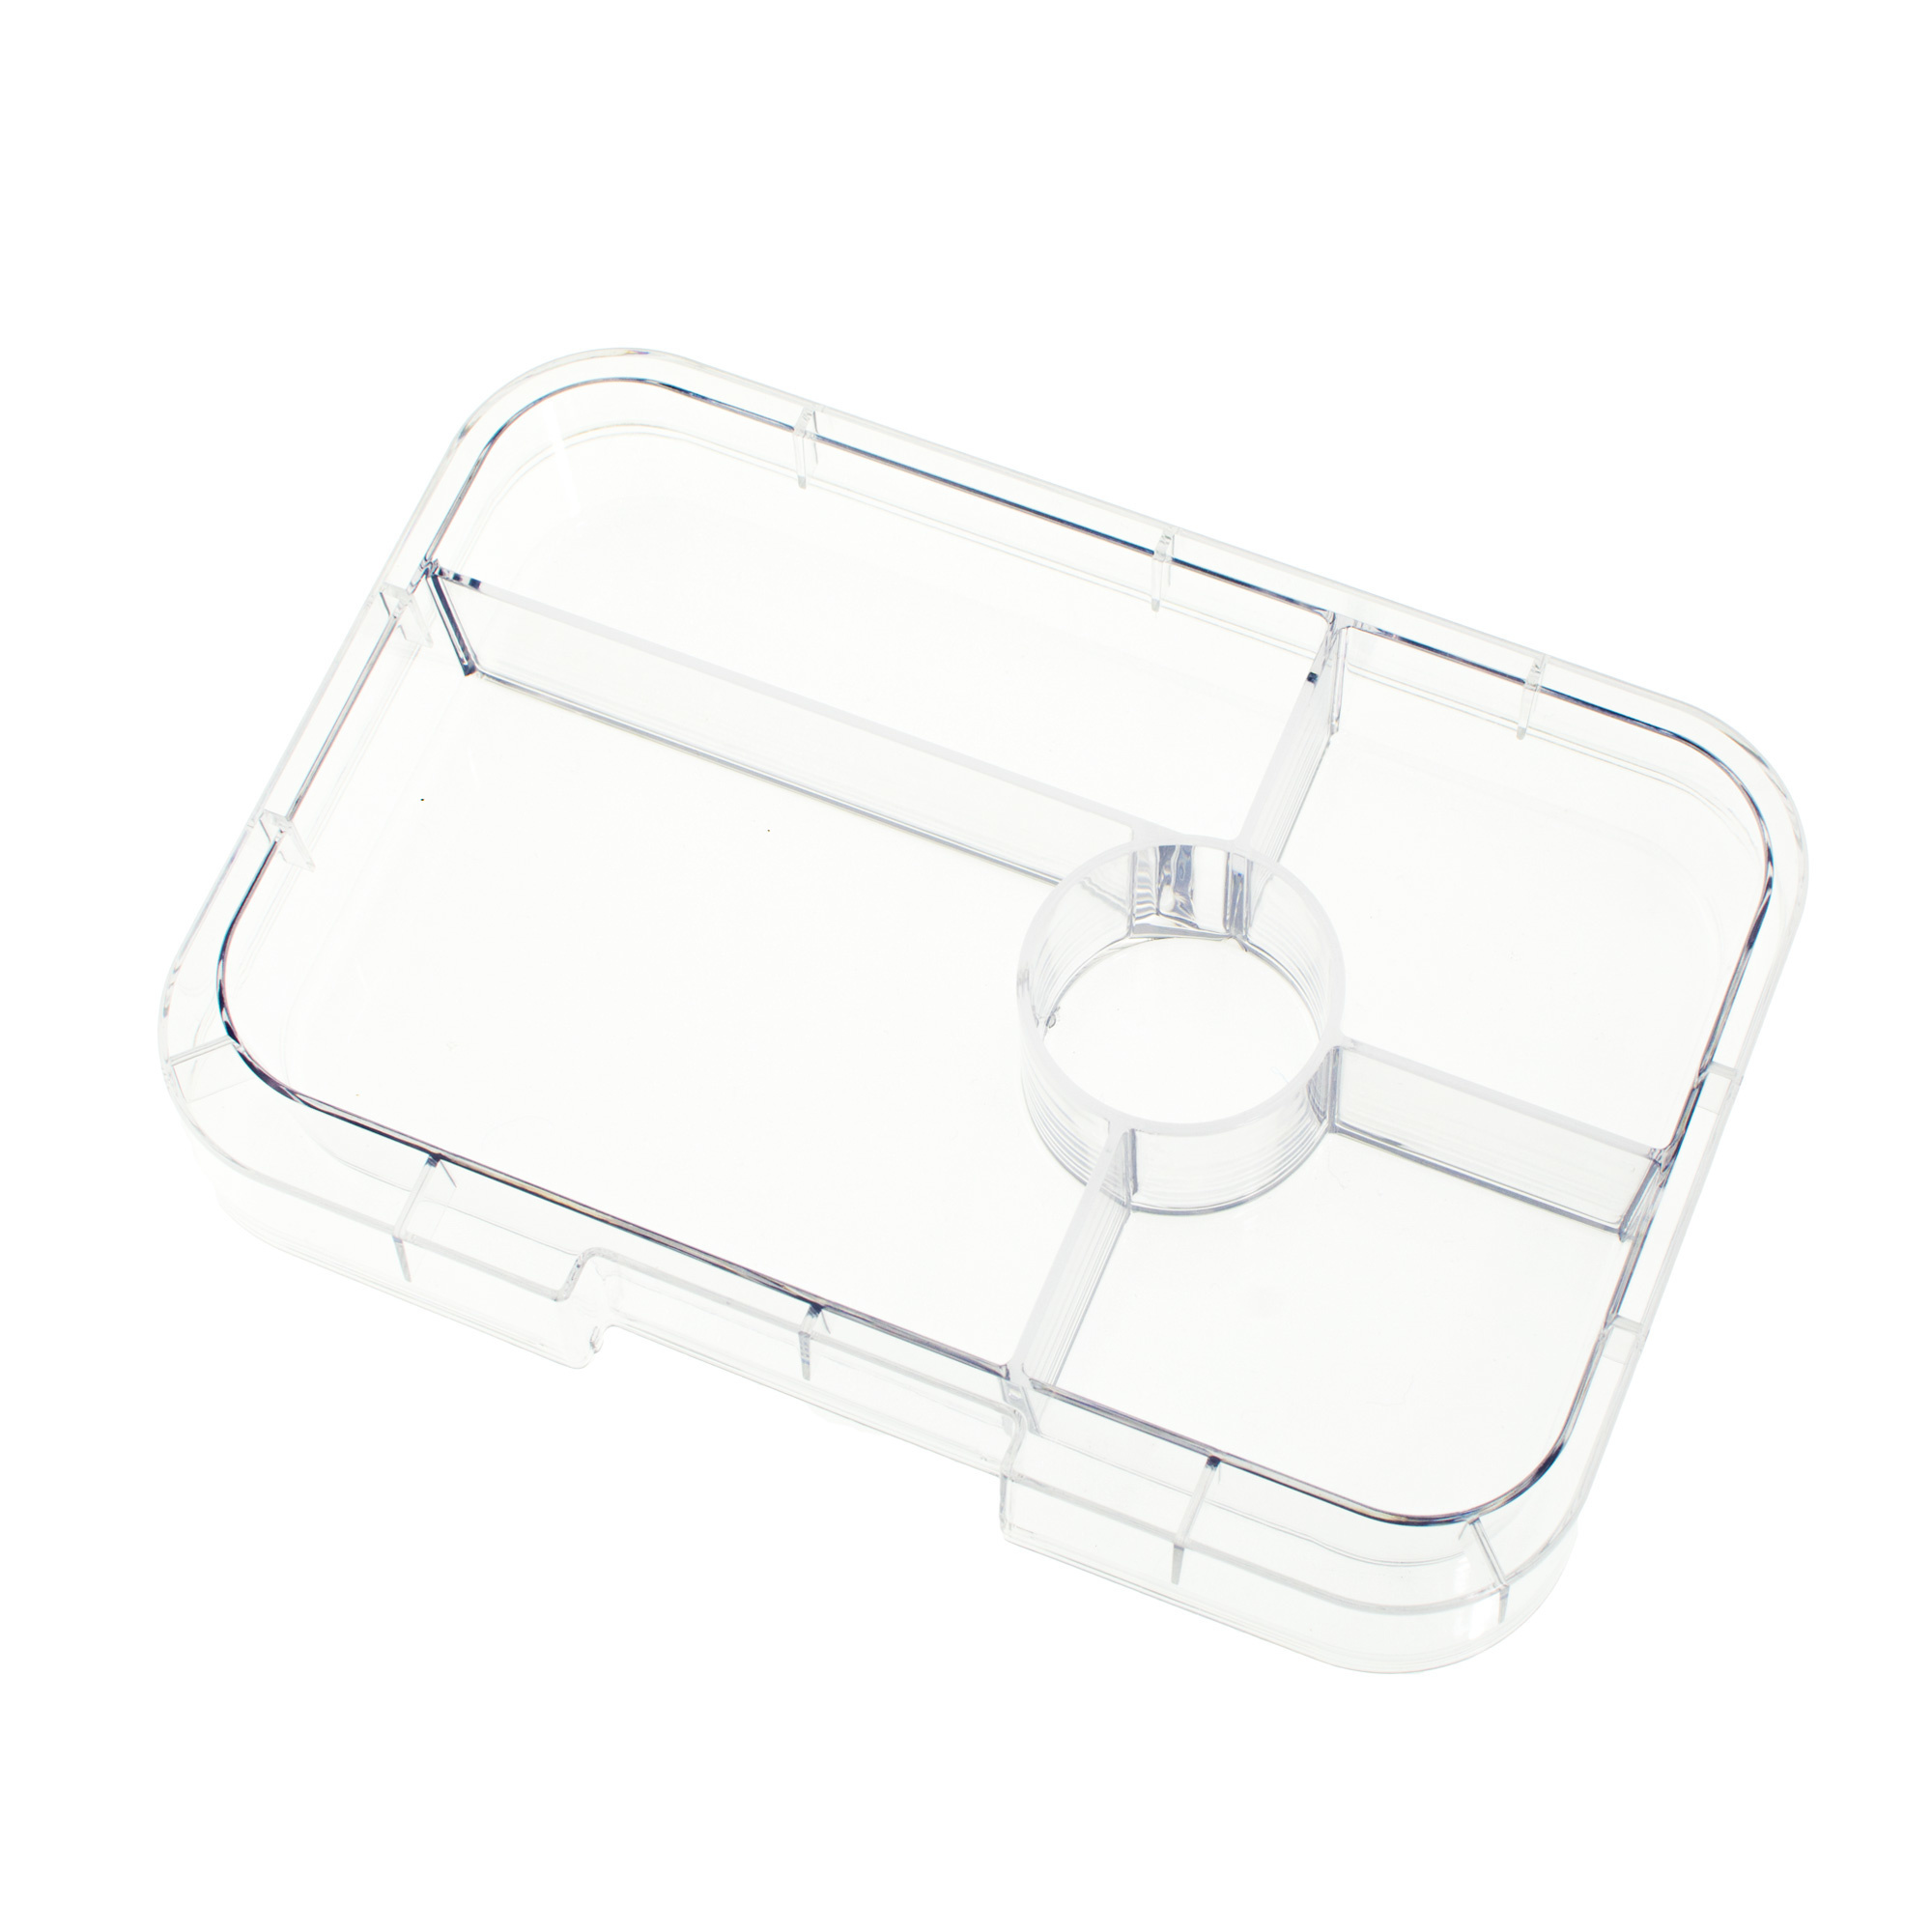 Yumbox Tapas extra tray 5 vakken transparant-1